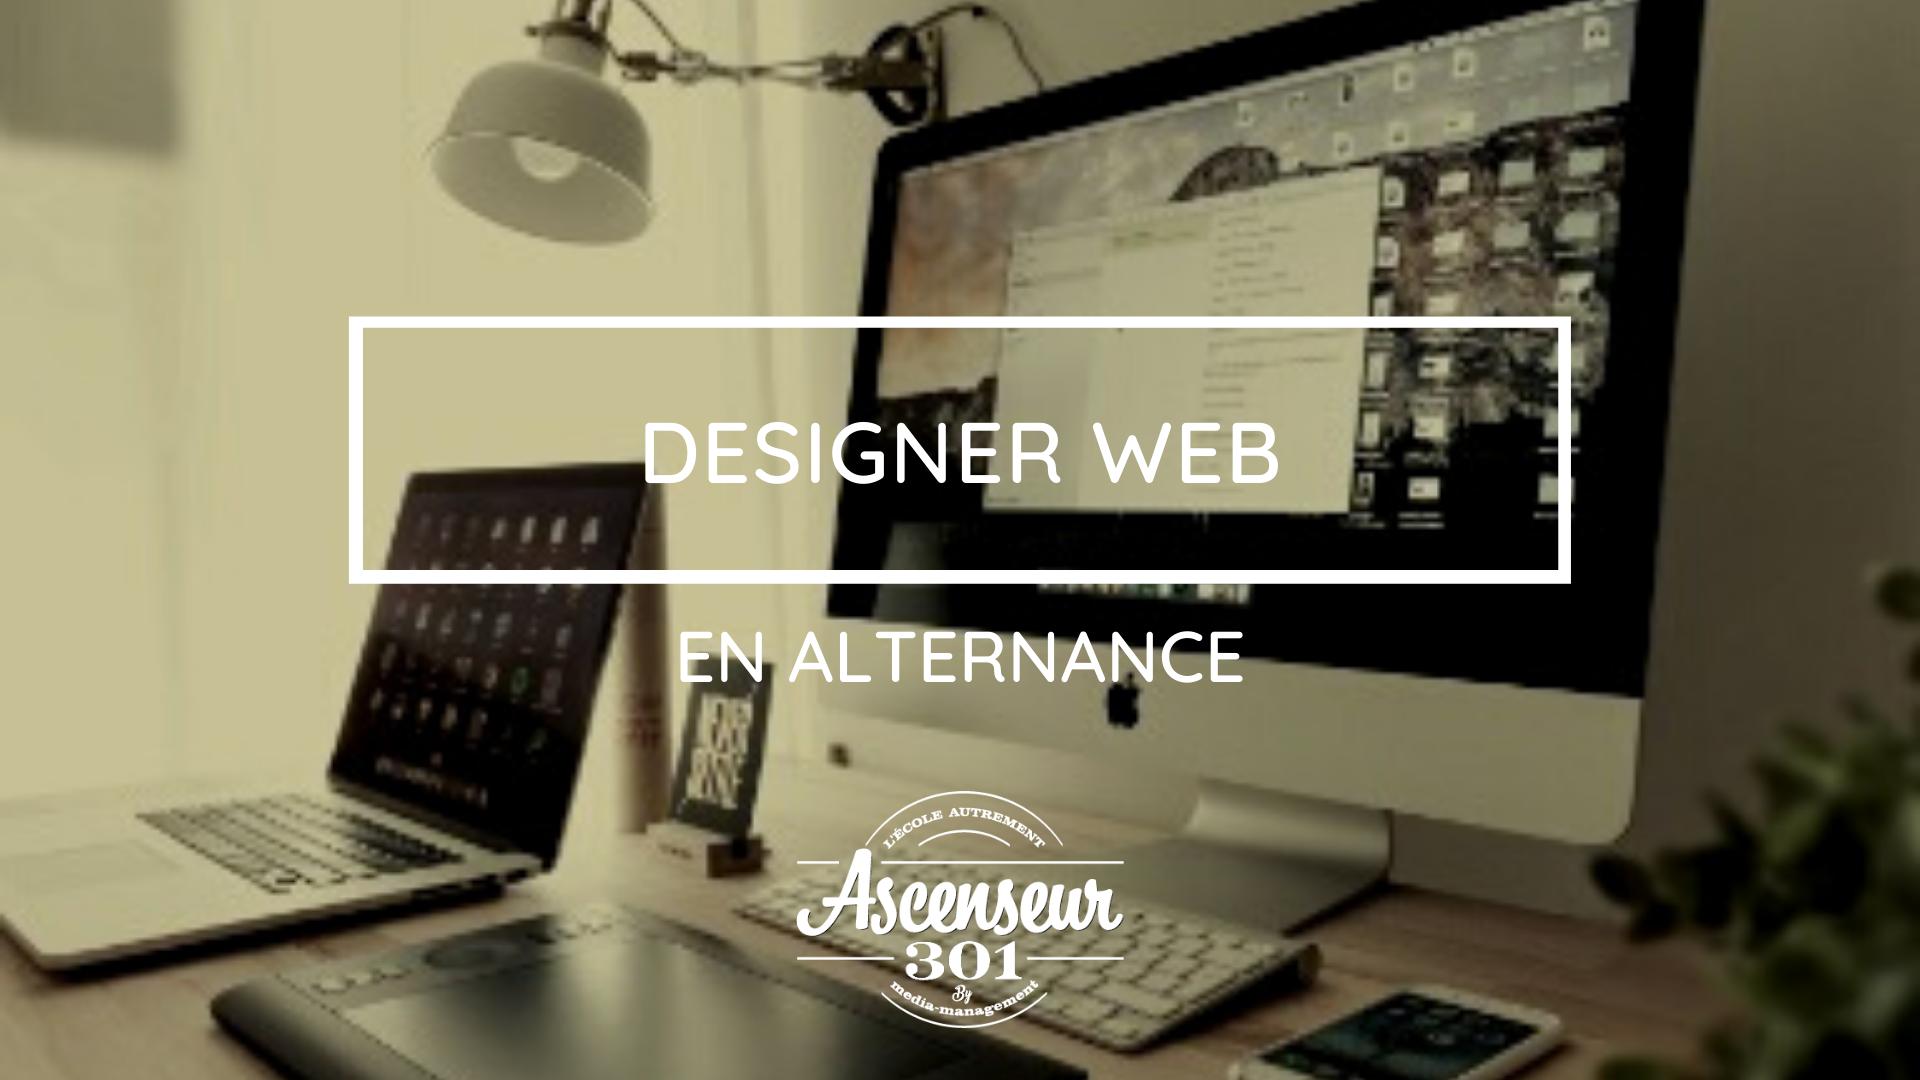 designer web en alternance oise